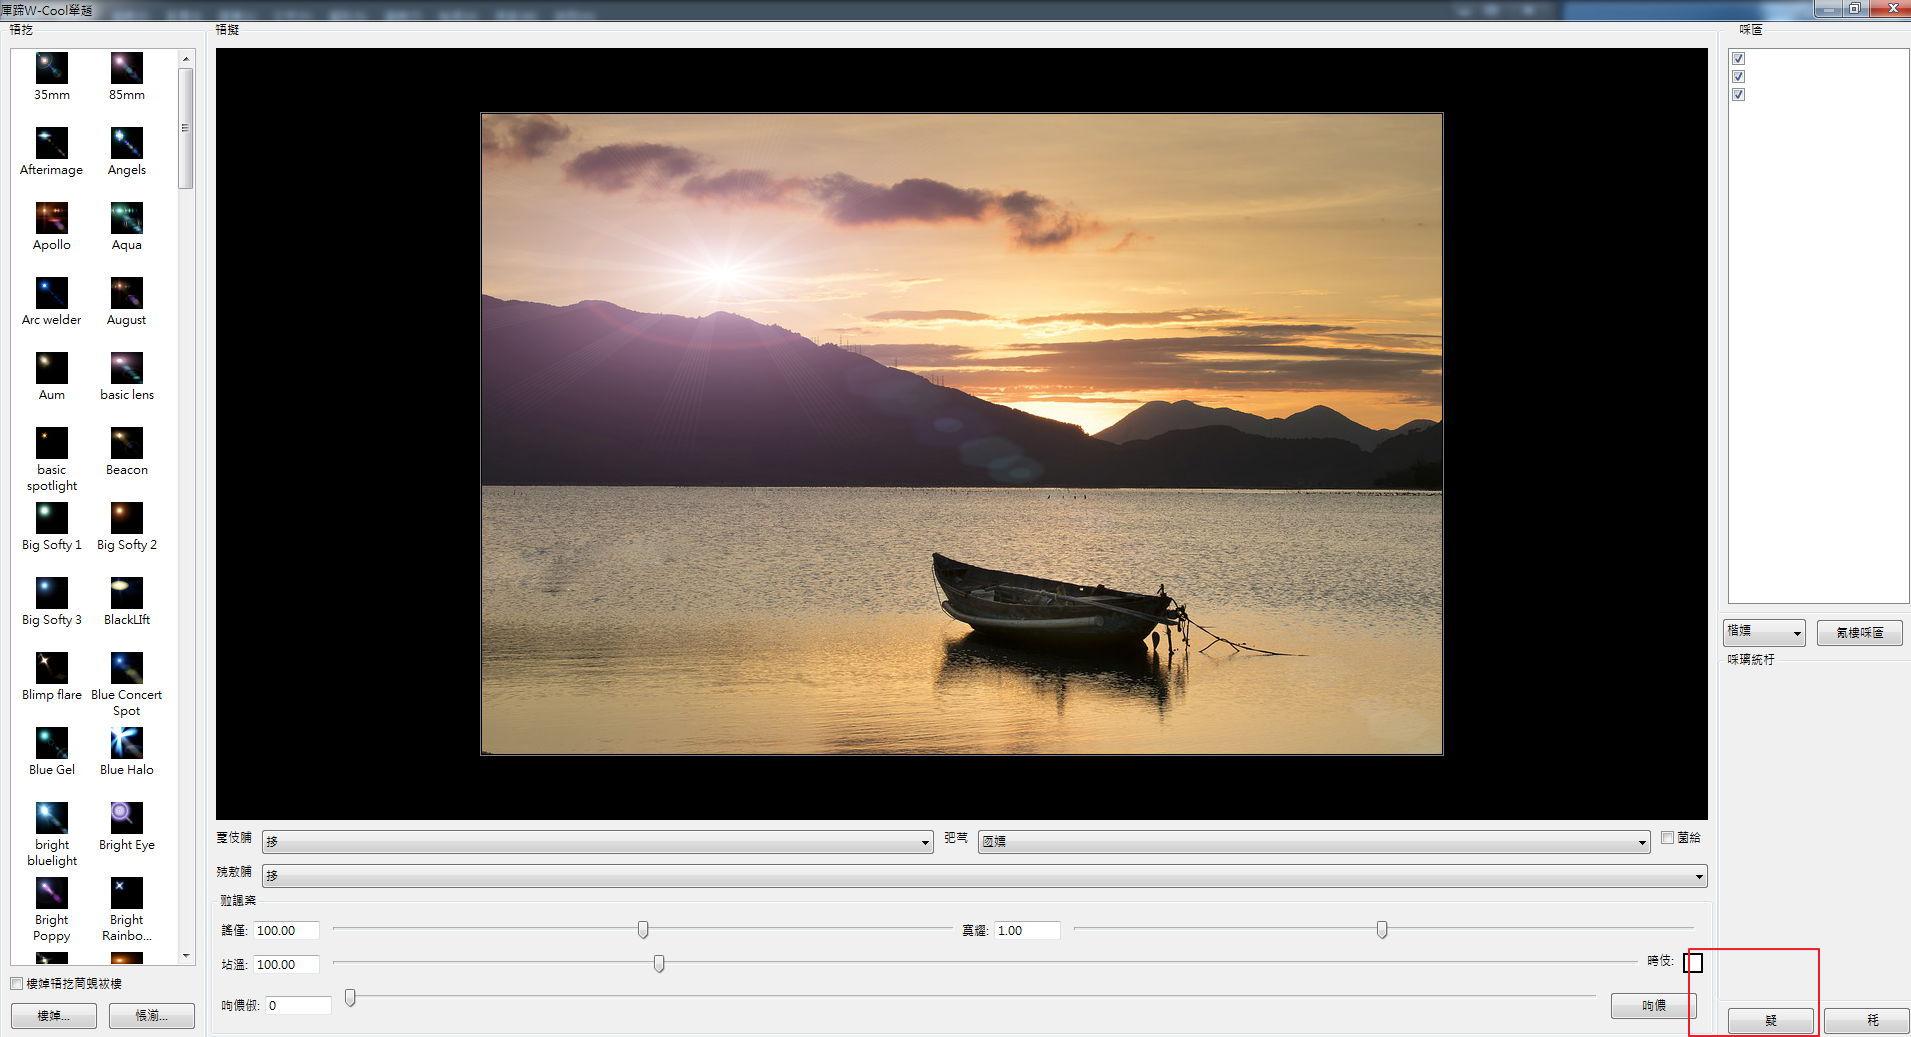 【灯光工厂】灯光工厂下载及安装教学 For Windows免序号